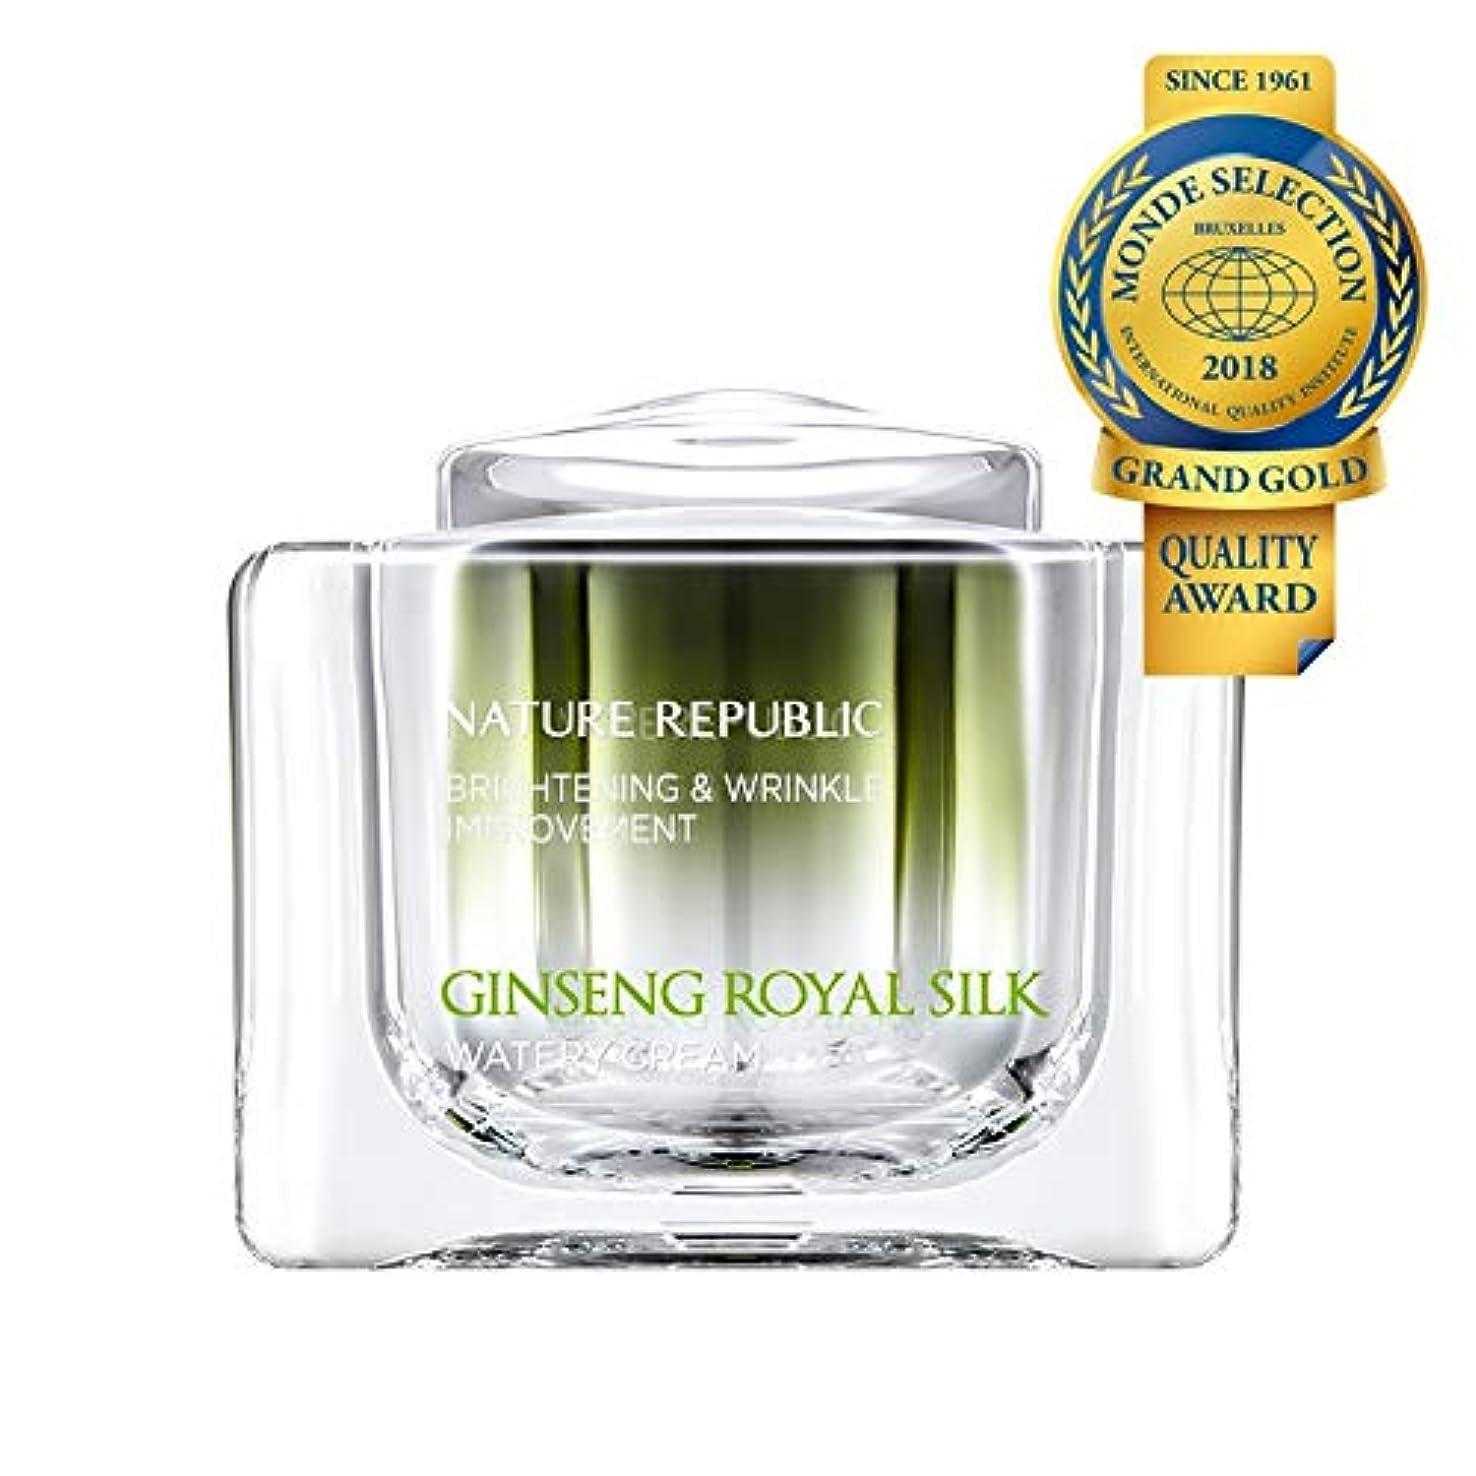 少年ハングペックネイチャーリパブリック(Nature Republic)ジンセンロイヤルシルクウォーターリークリーム 60g / Ginseng Royal Silk Watery Cream 60g :: 韓国コスメ [並行輸入品]